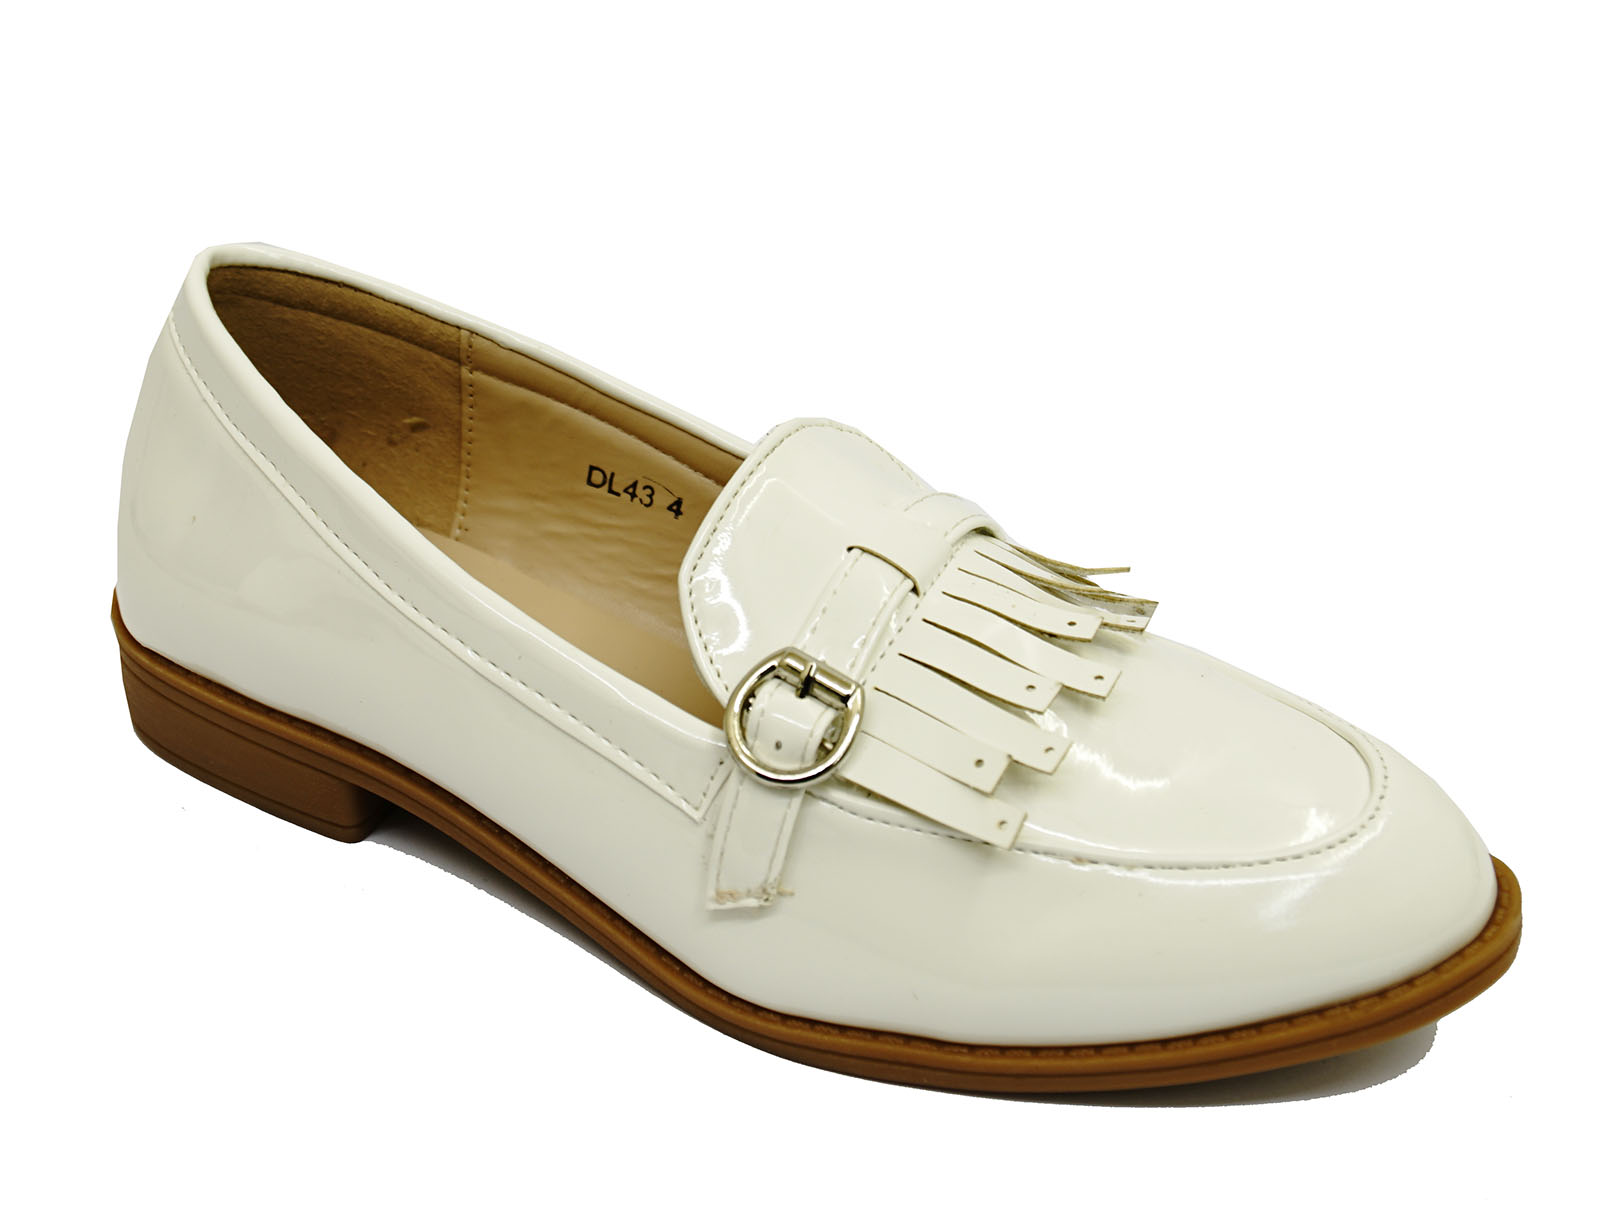 Blanco de las Señoras Sin Cordones Mocasines Mocasín Informal Cómodos Zapatos Planos de trabajo inteligente UK 3-8